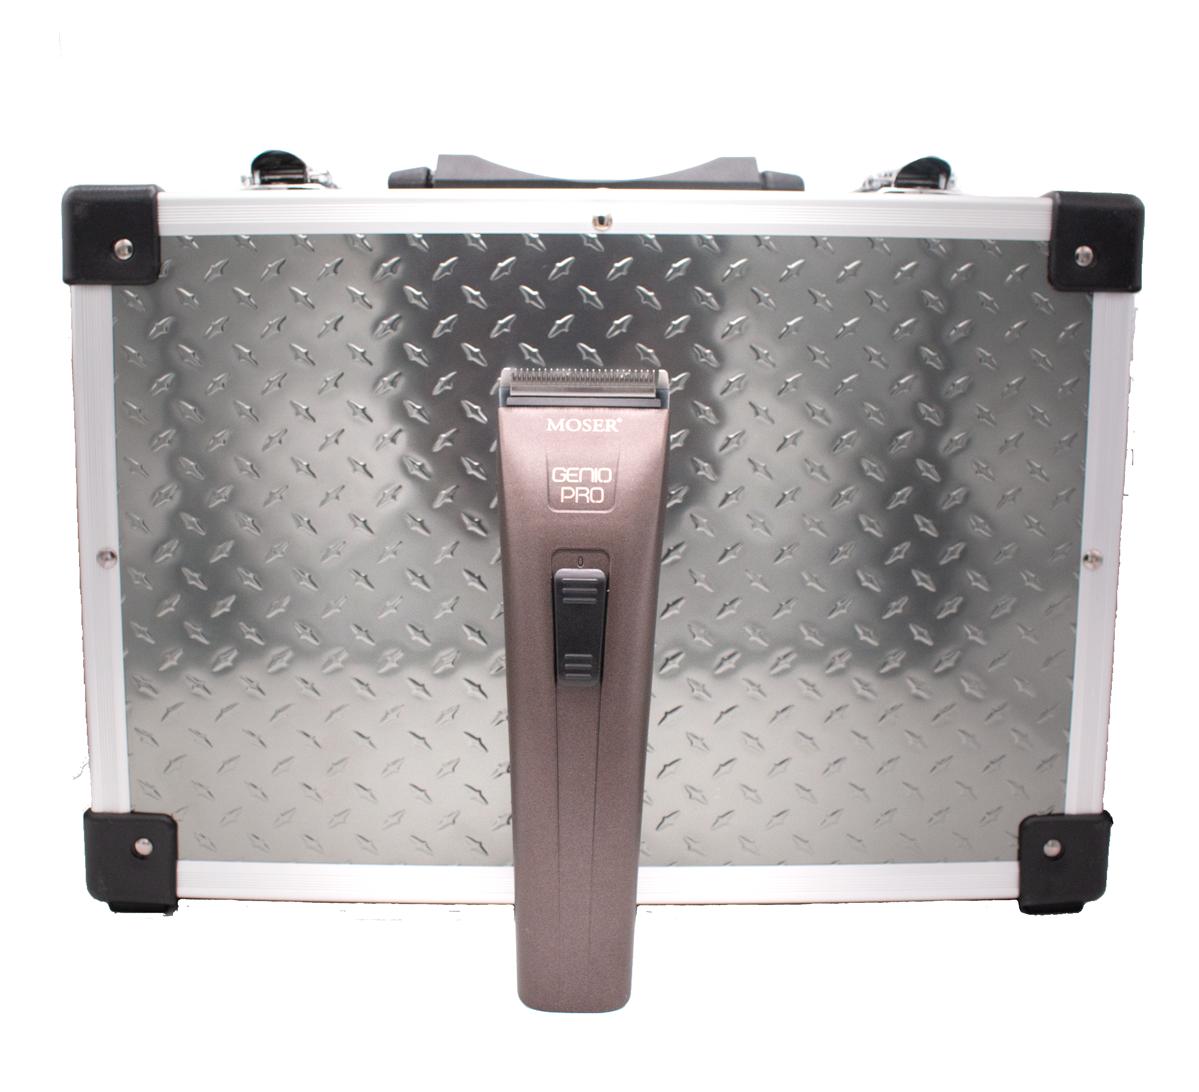 MOSER Genio Pro + pevný kufr 2